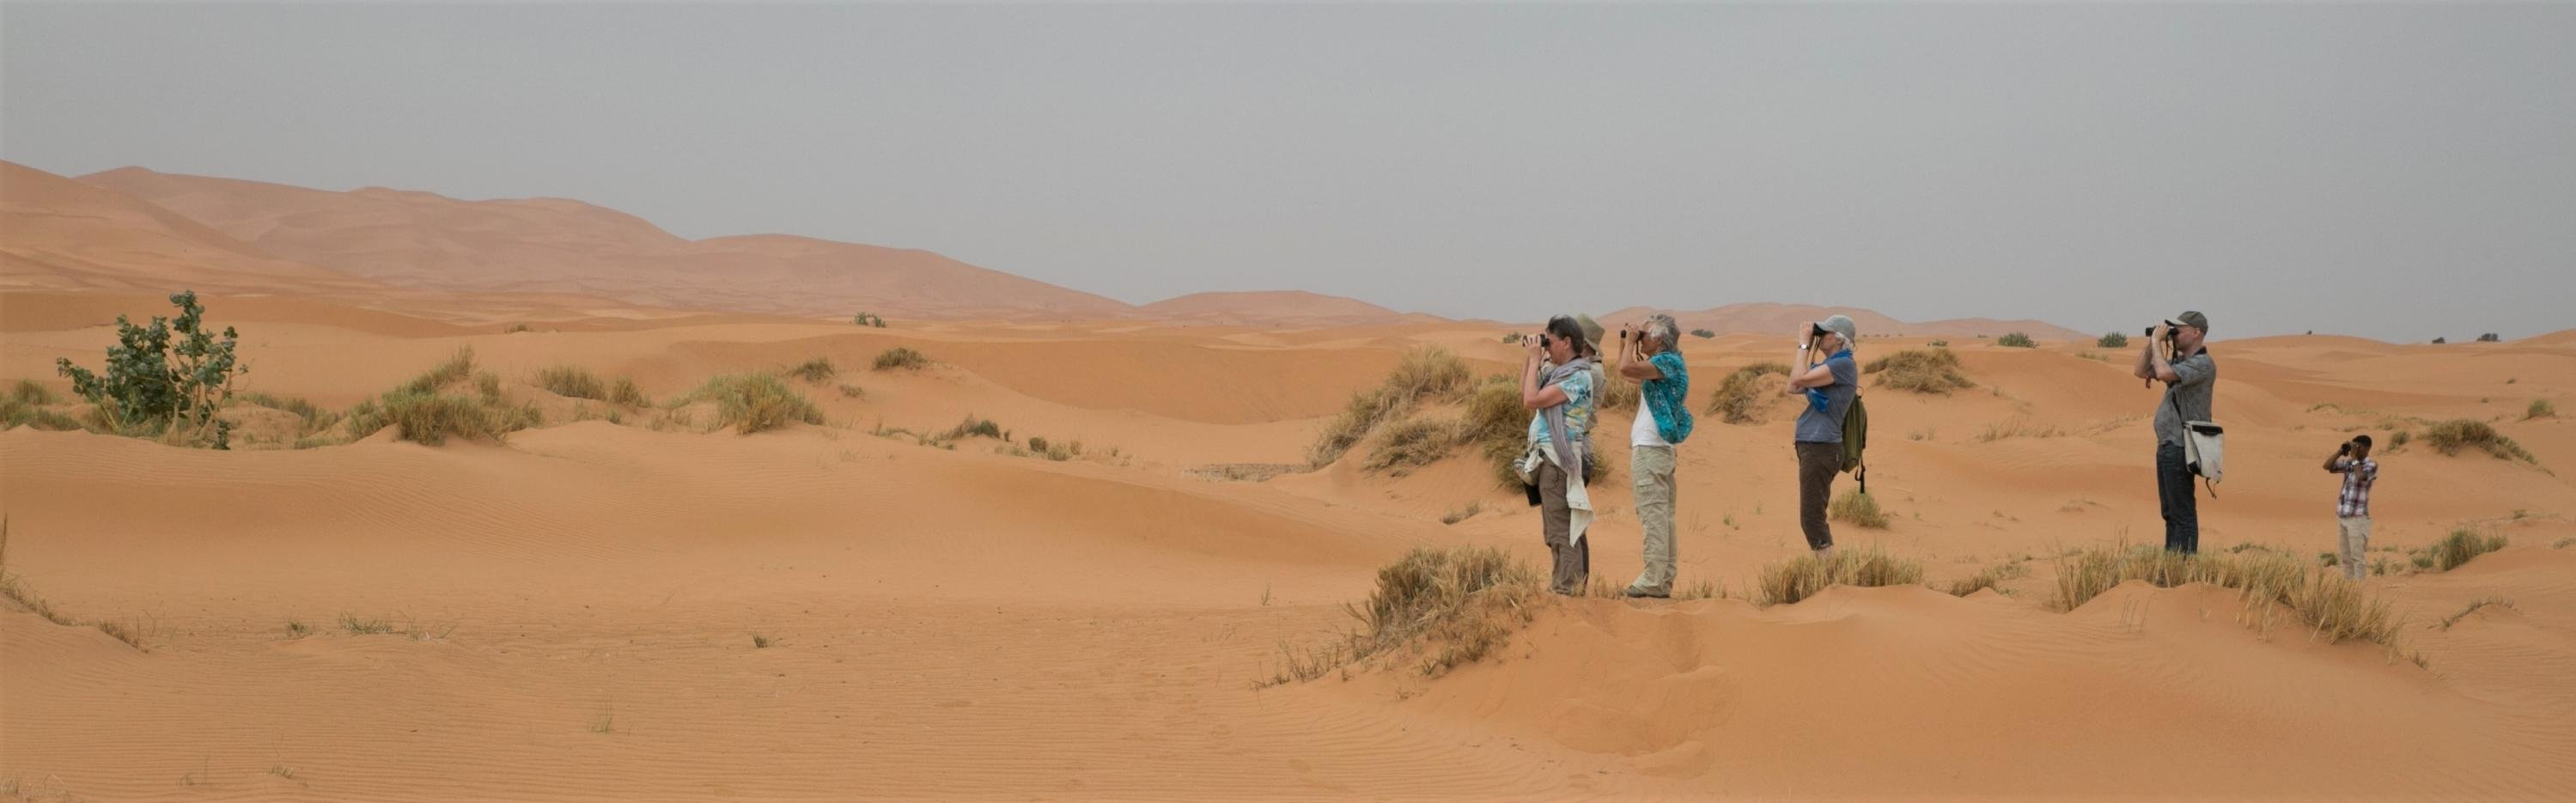 Vogelaars in de woestijn - Marokko - Barend van Gemerden